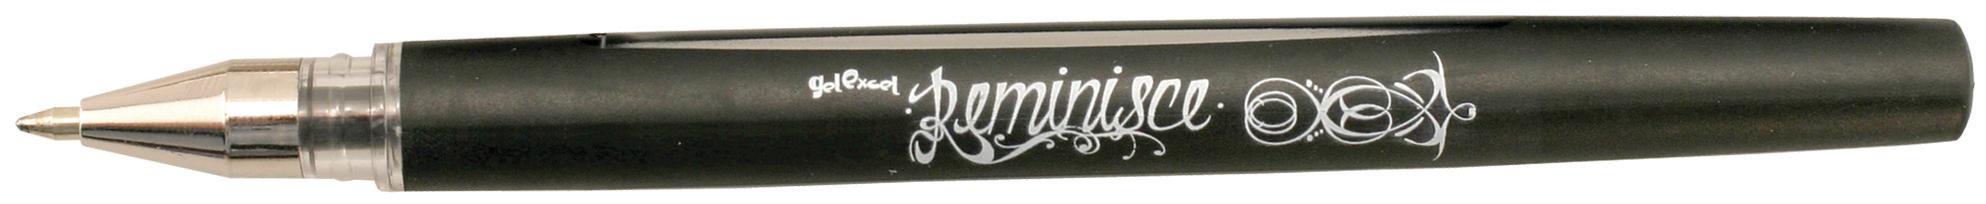 Reminisce Gel Pen Black